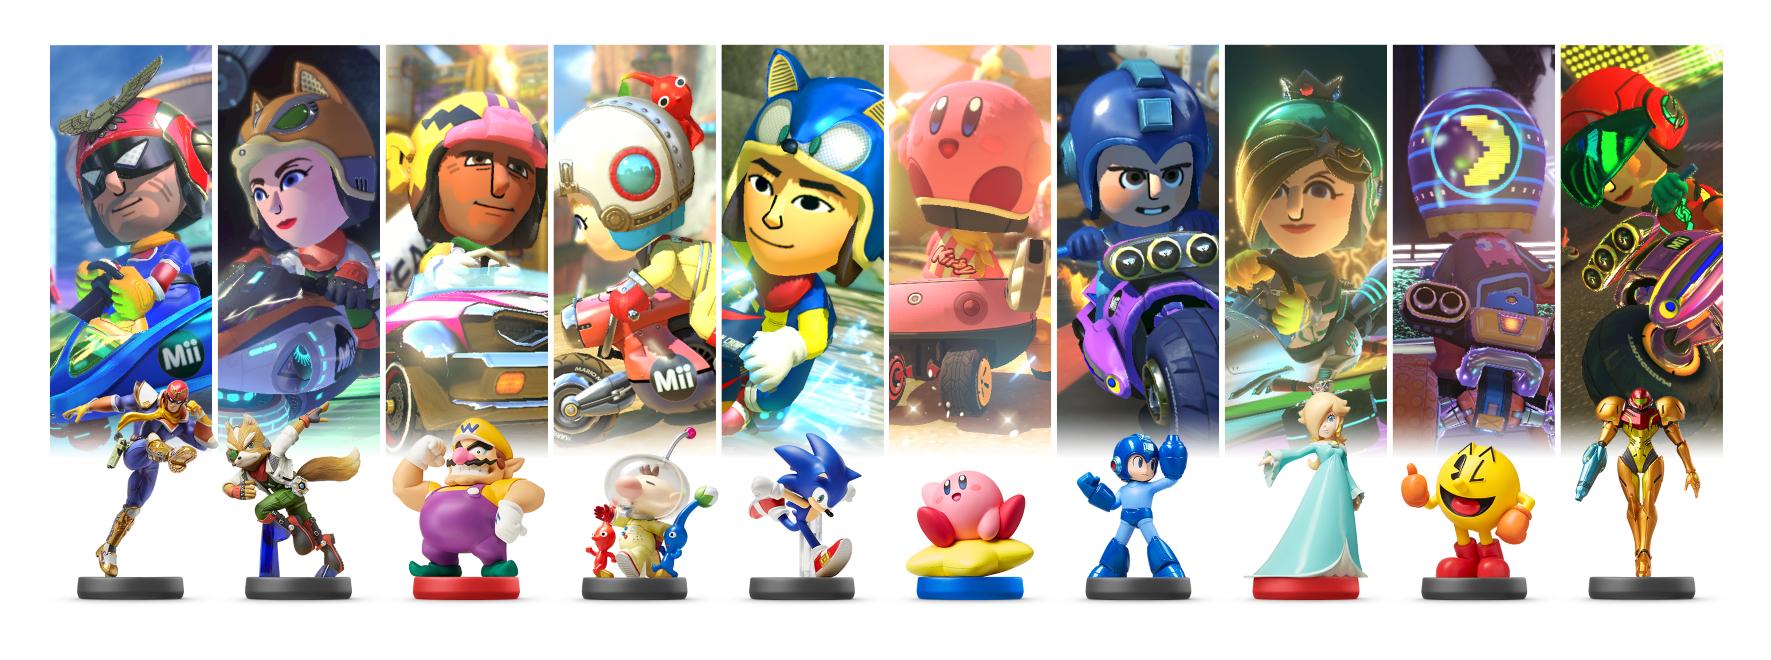 U Mario 8 Nintendo Kart Deluxe Wii Set